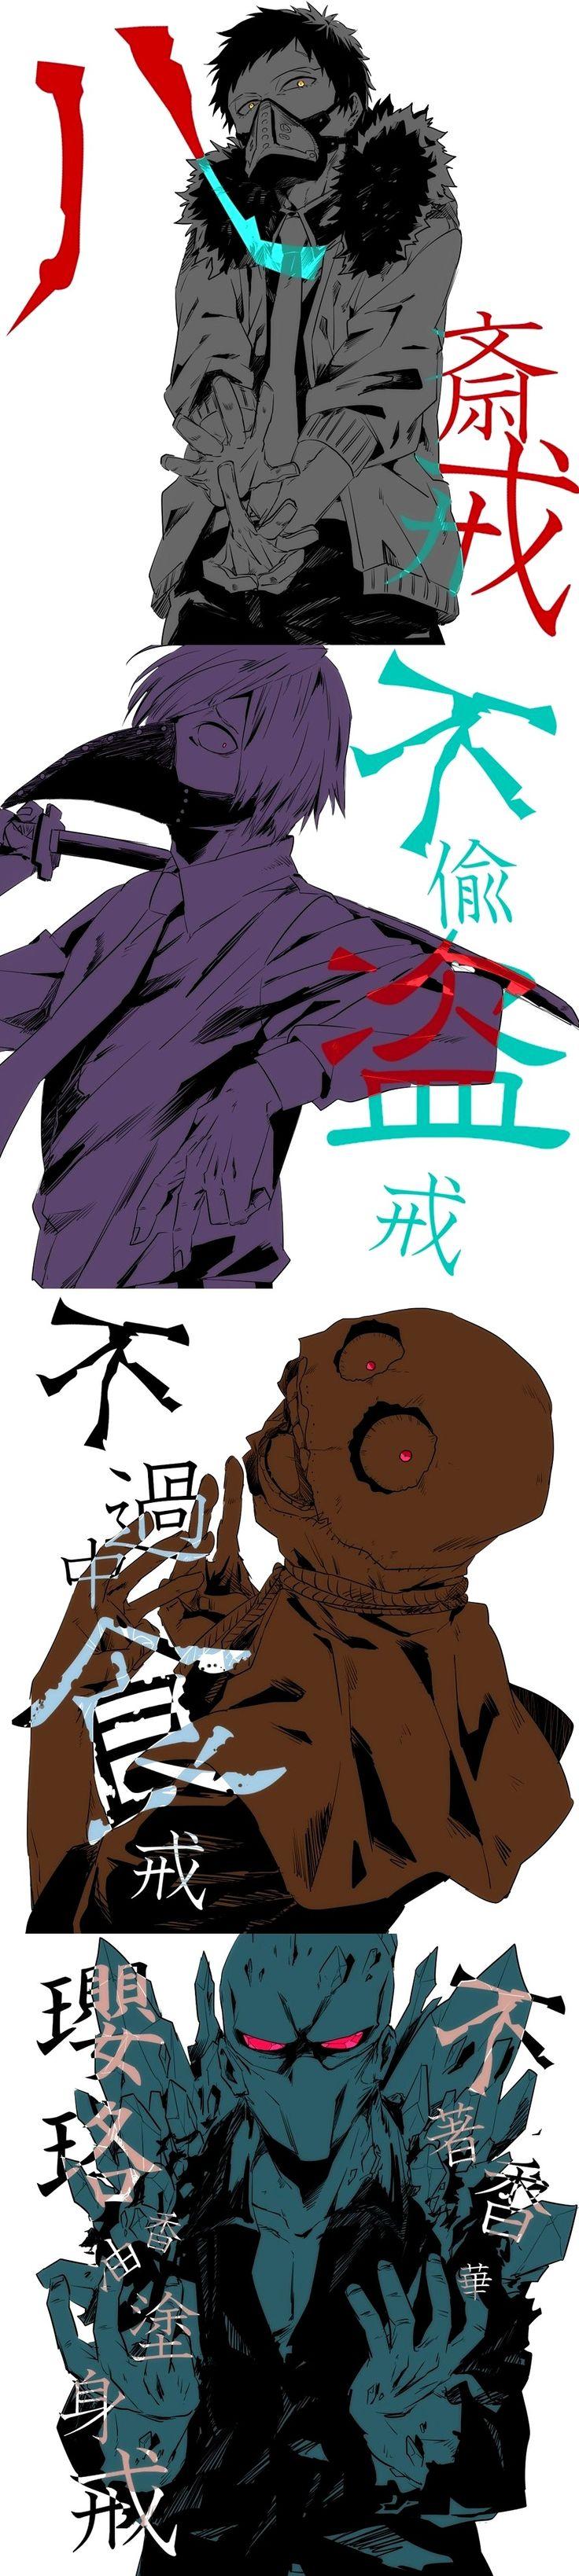 Boku no Hero Academia || Overhaul/Chisaki || Setsuno || Tabe || Hojo